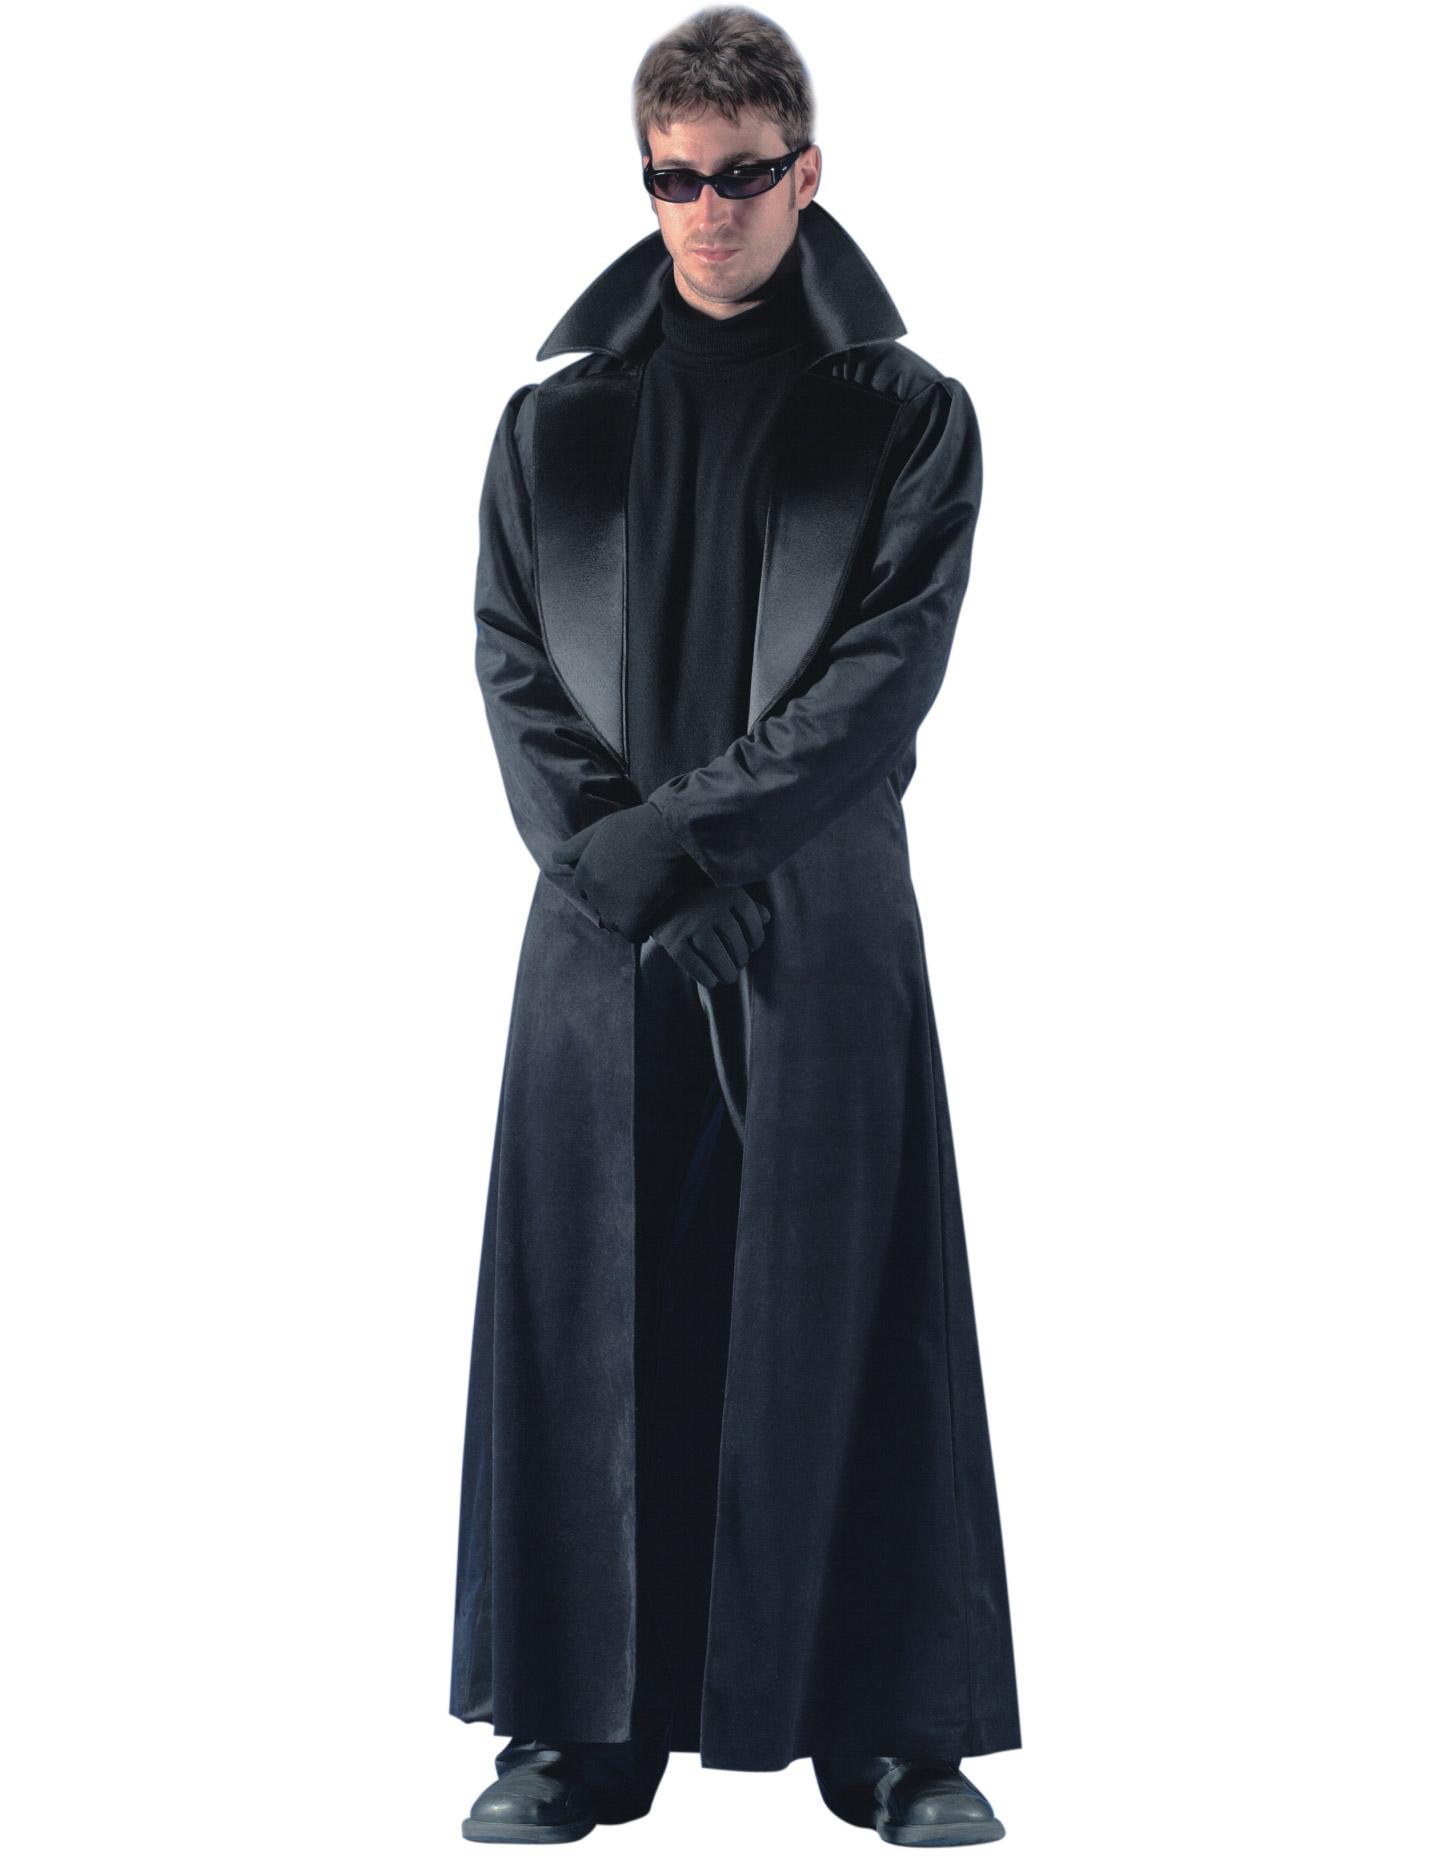 Lange Zwarte Winterjas Heren.Lange Zwarte Jas Voor Heren Volwassenen Kostuums En Goedkope